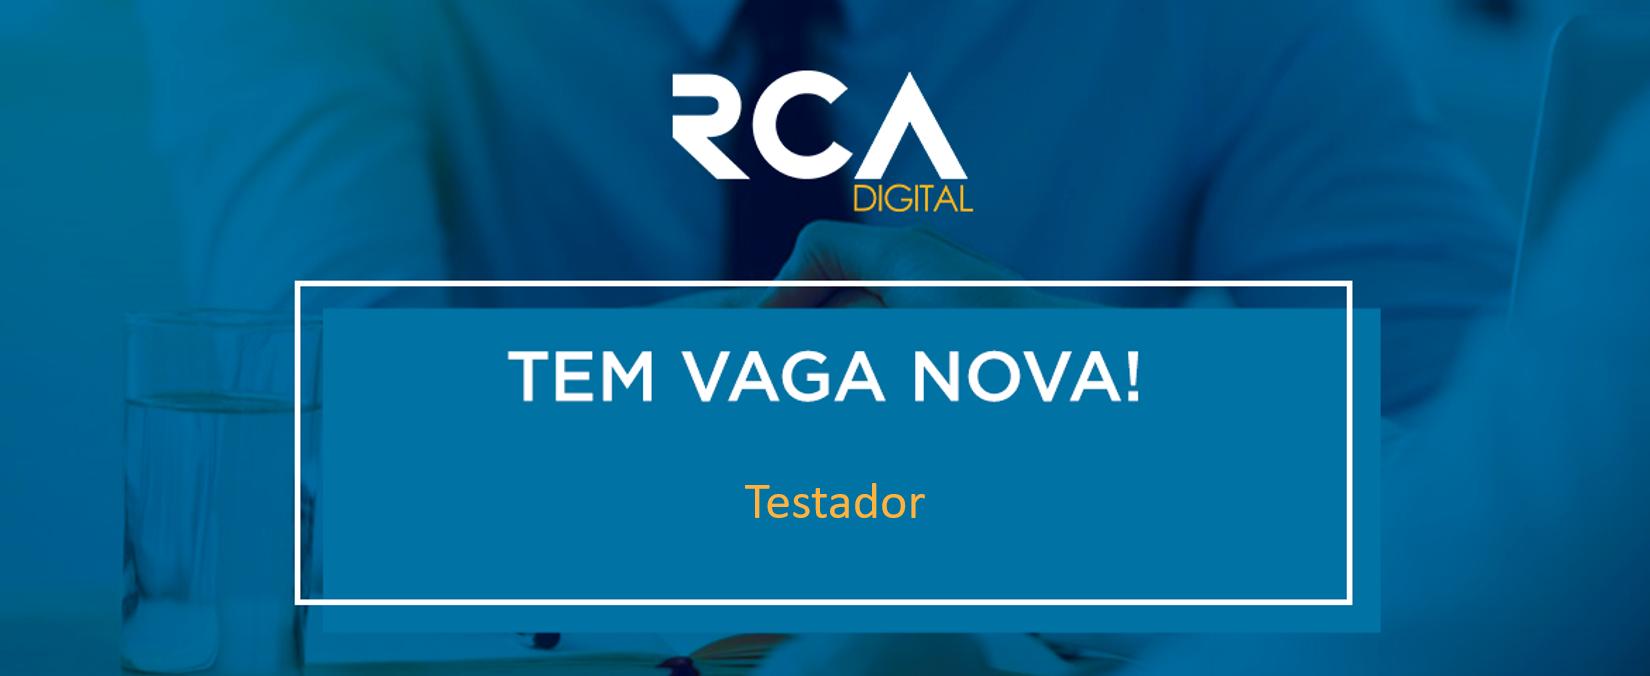 [RCA] Testador